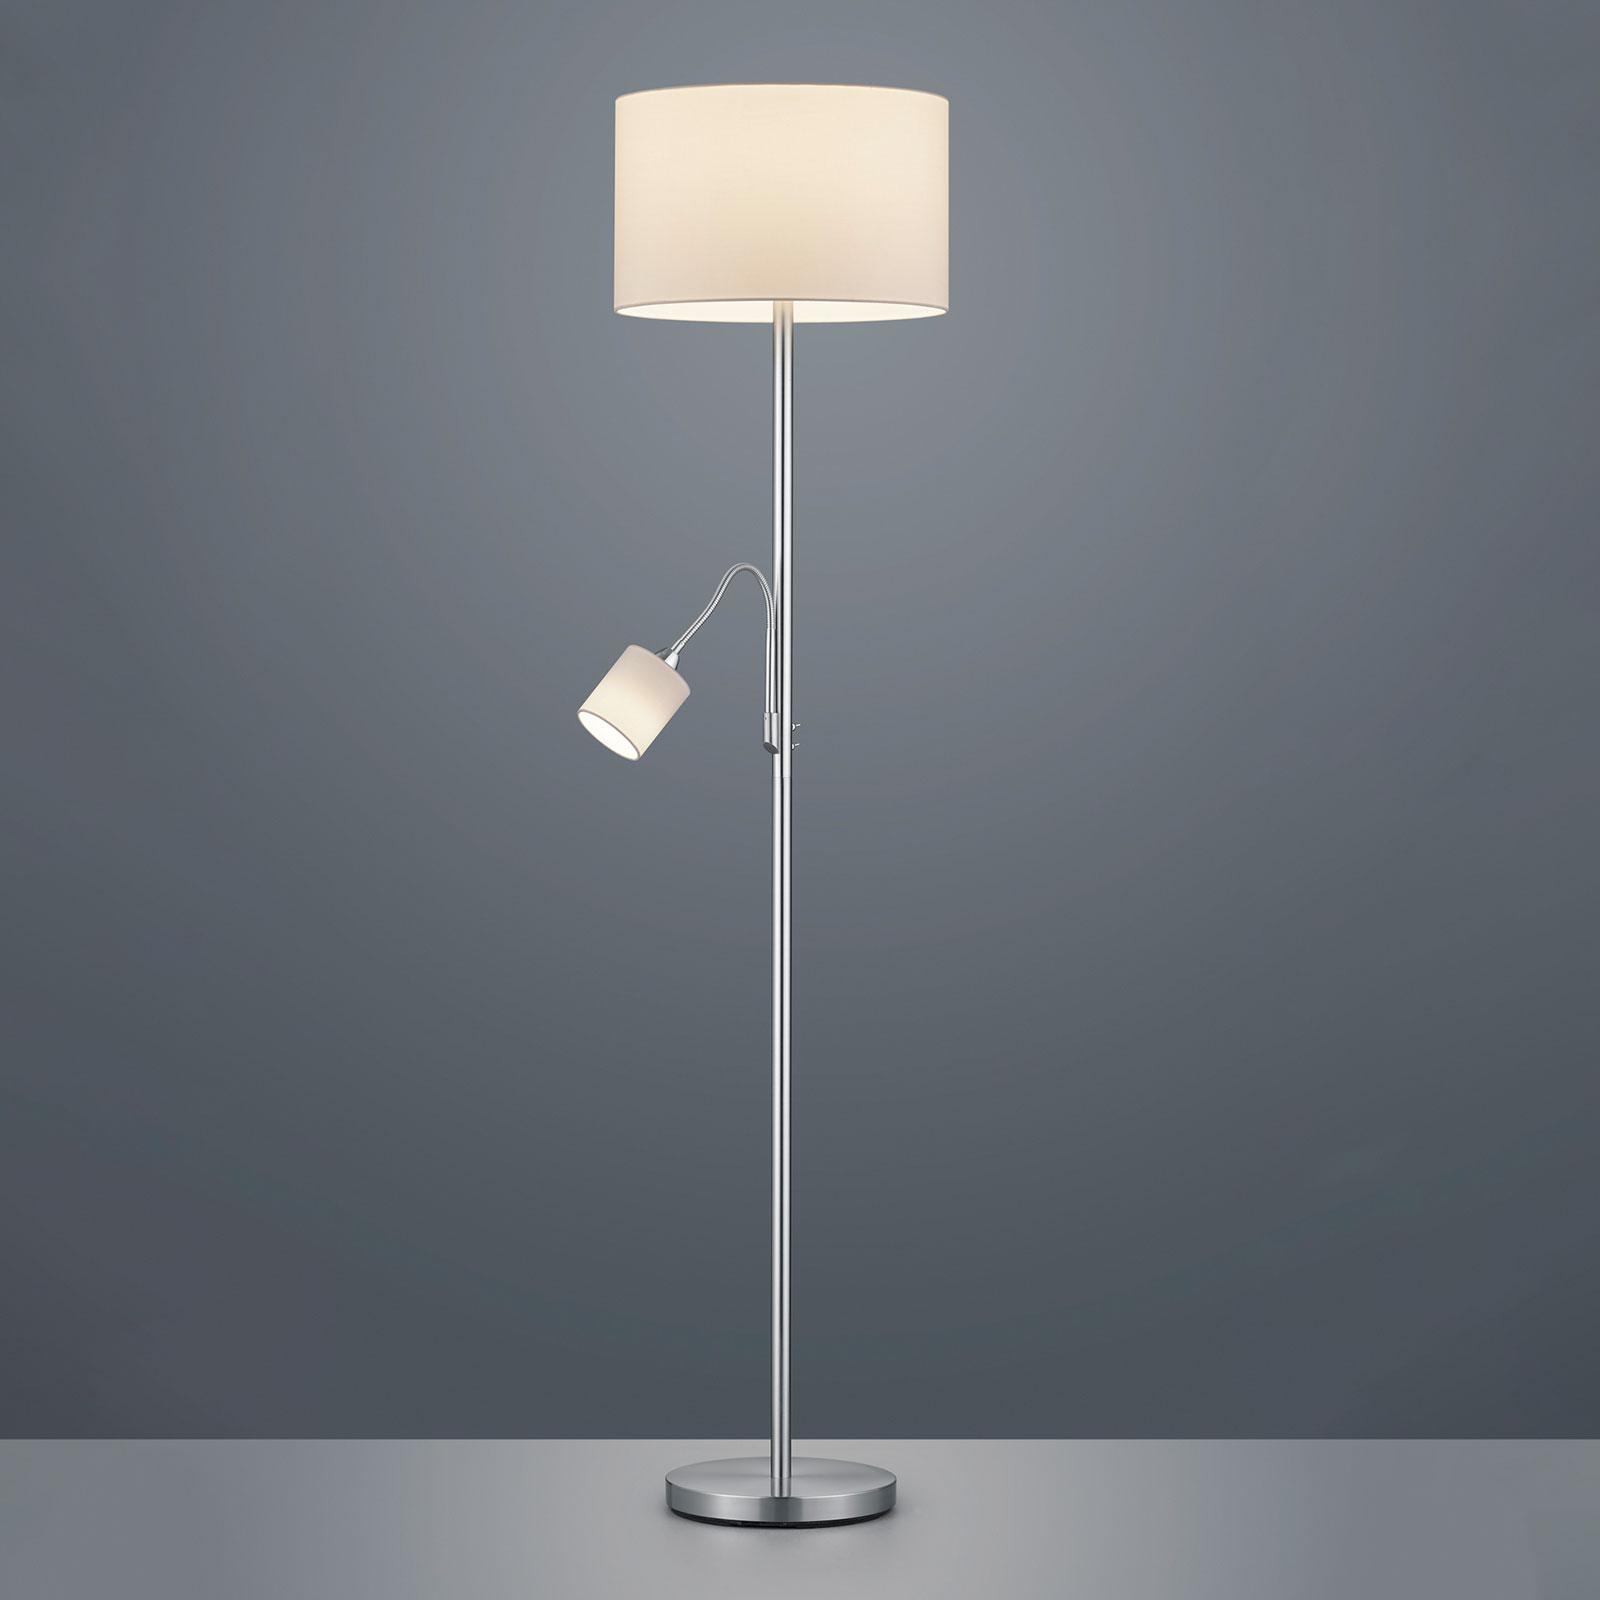 Vloerlamp hotel met leeslamp, kap wit